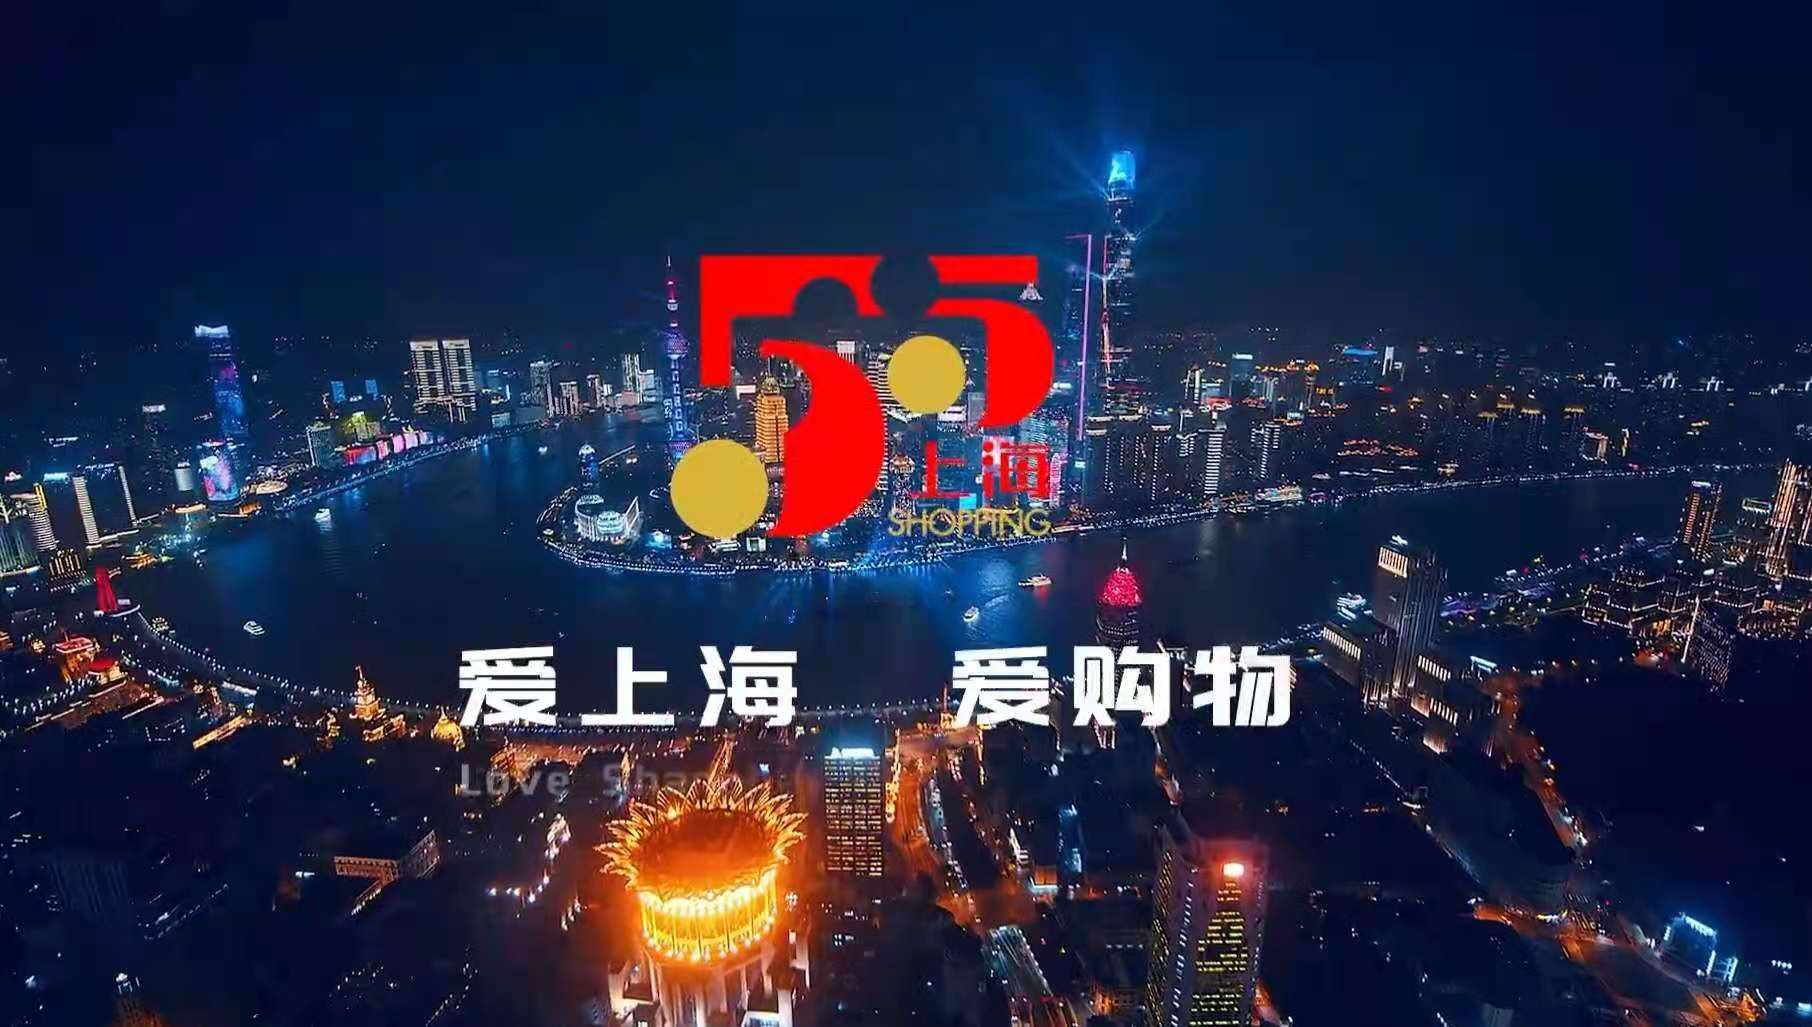 最全信息汇总,关于上海55购物节你需要知道的那些